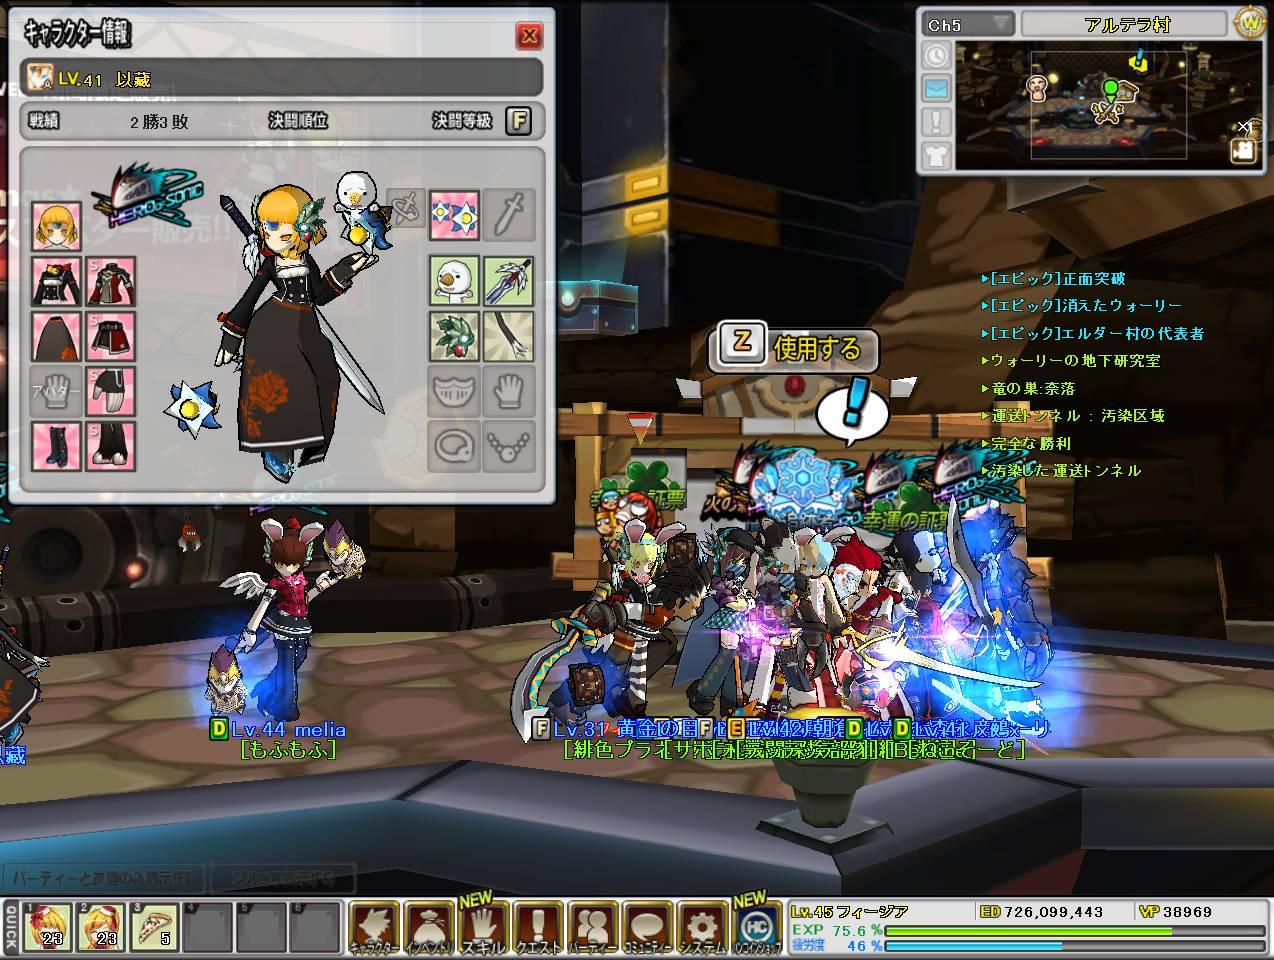 SC_2010_12_20_17_49_10_.jpg